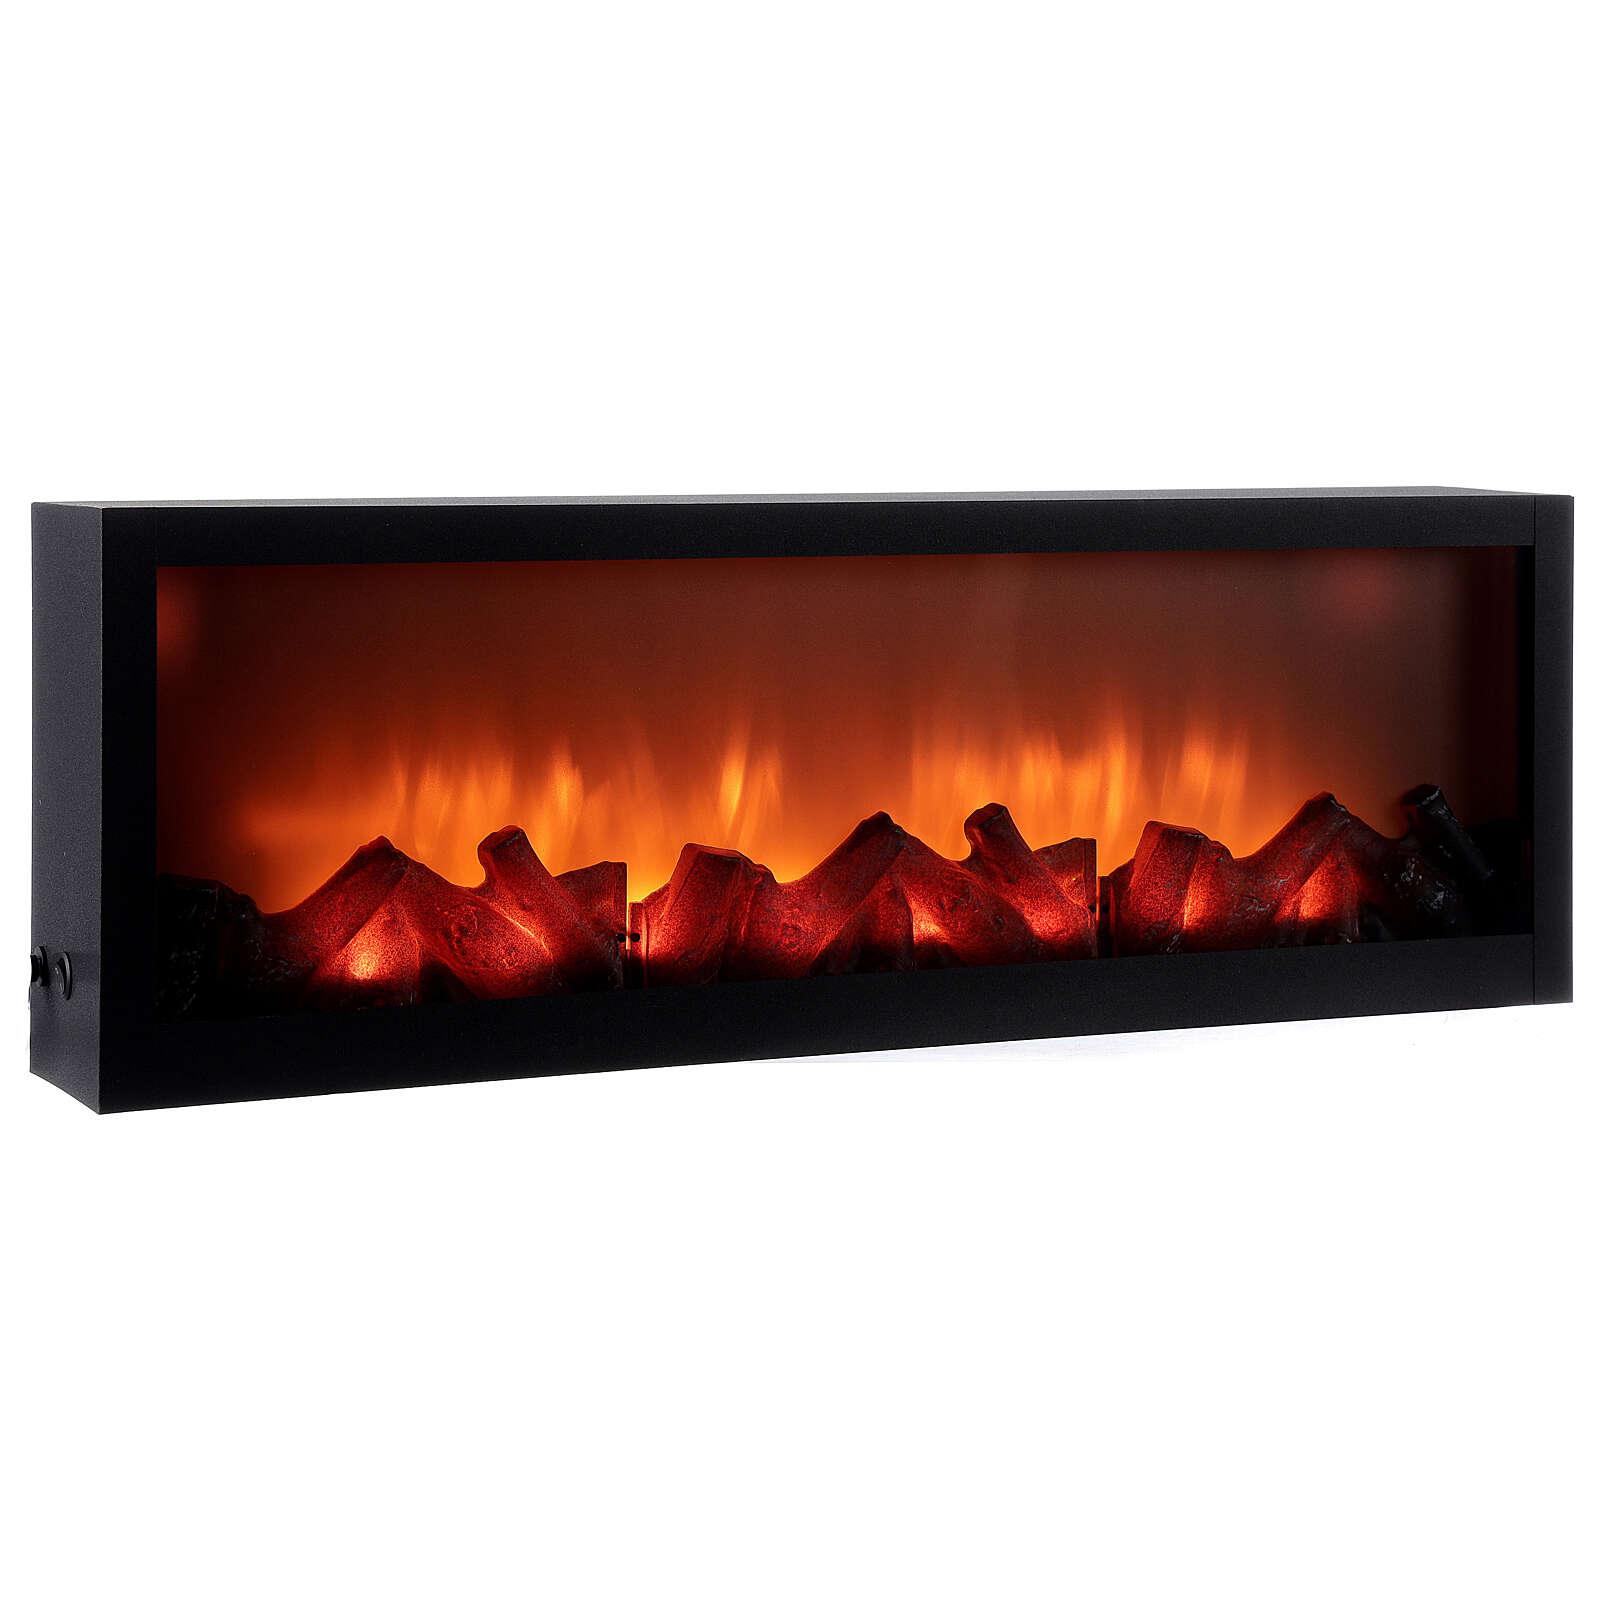 Cheminée LED rectangulaire effet flamme 20x80x10 cm 3